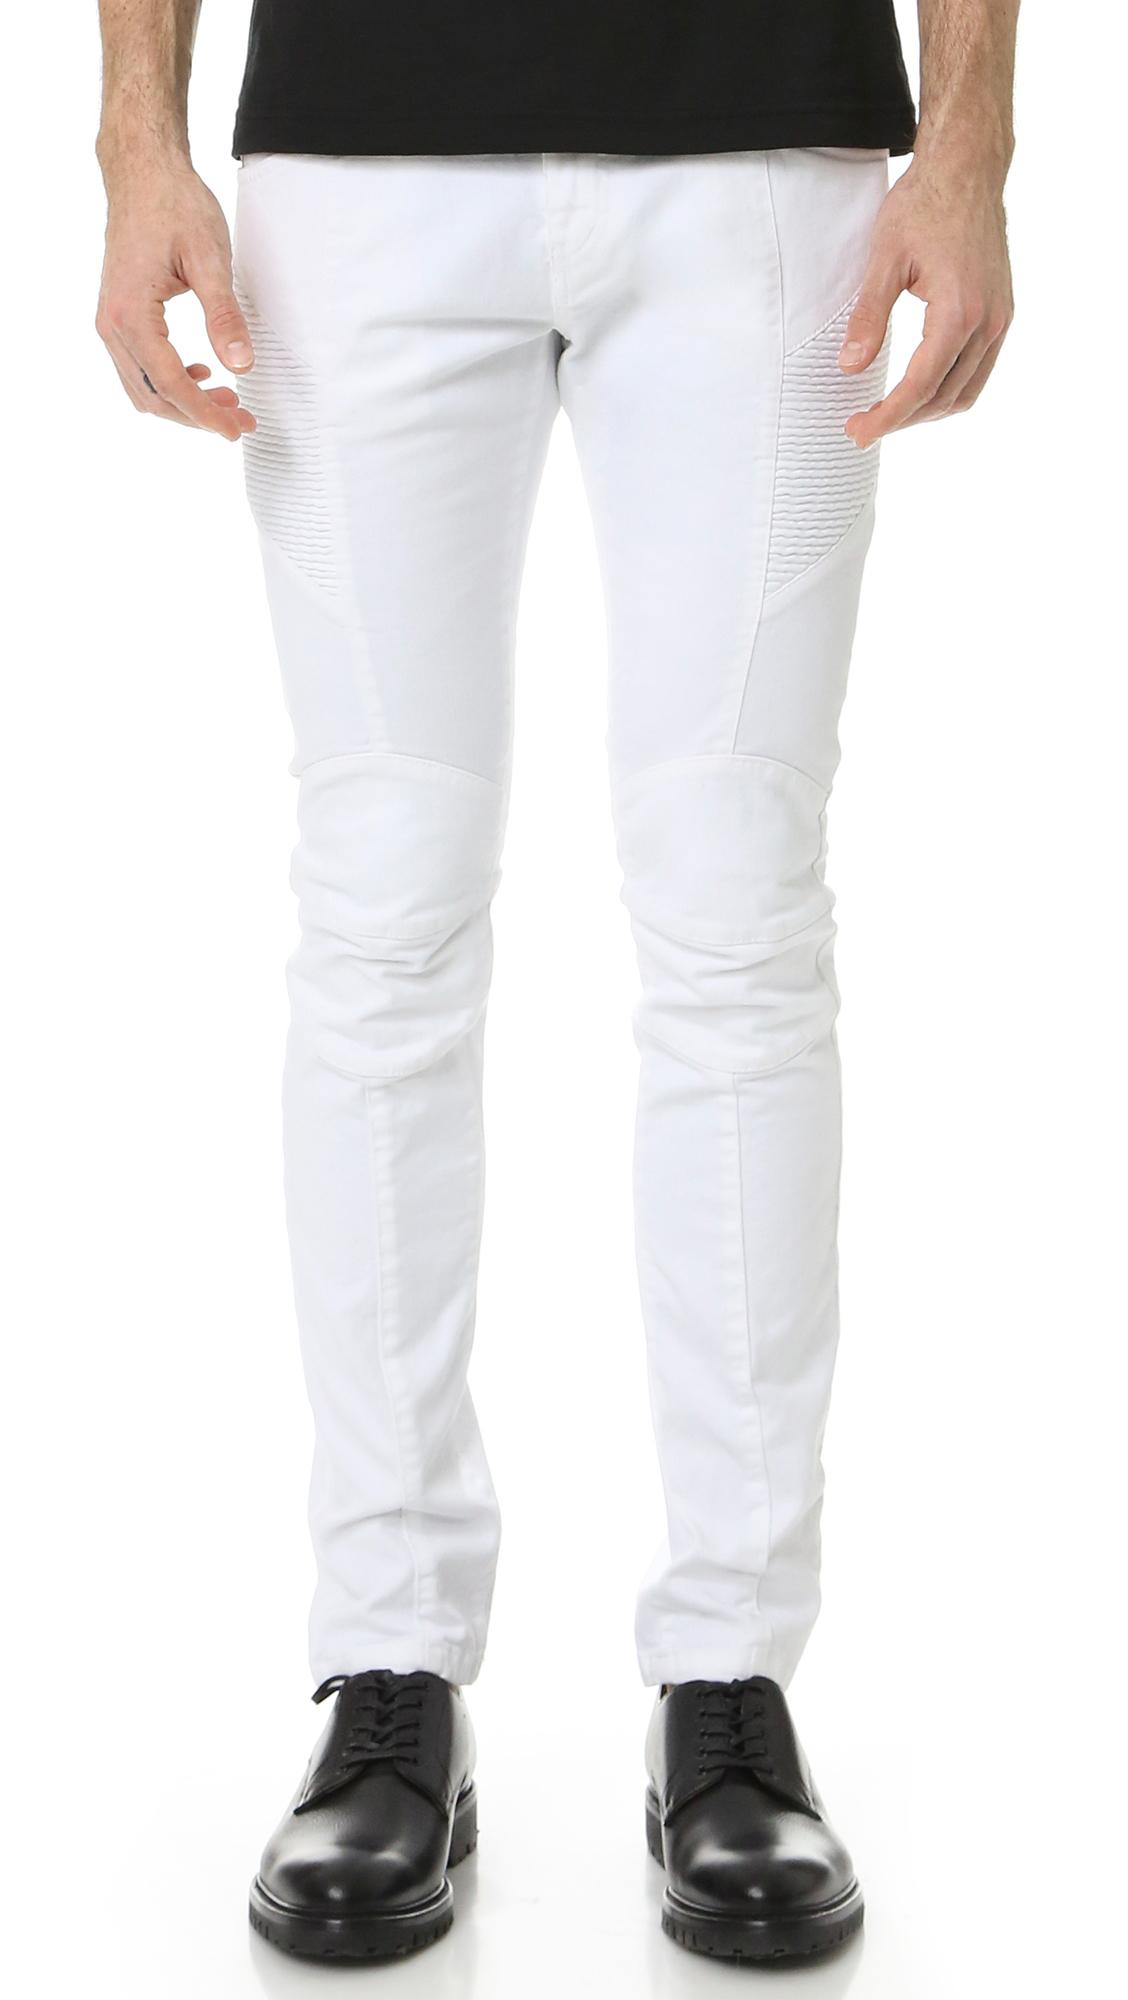 ca950310 Lyst - Balmain Moto Jeans in White for Men